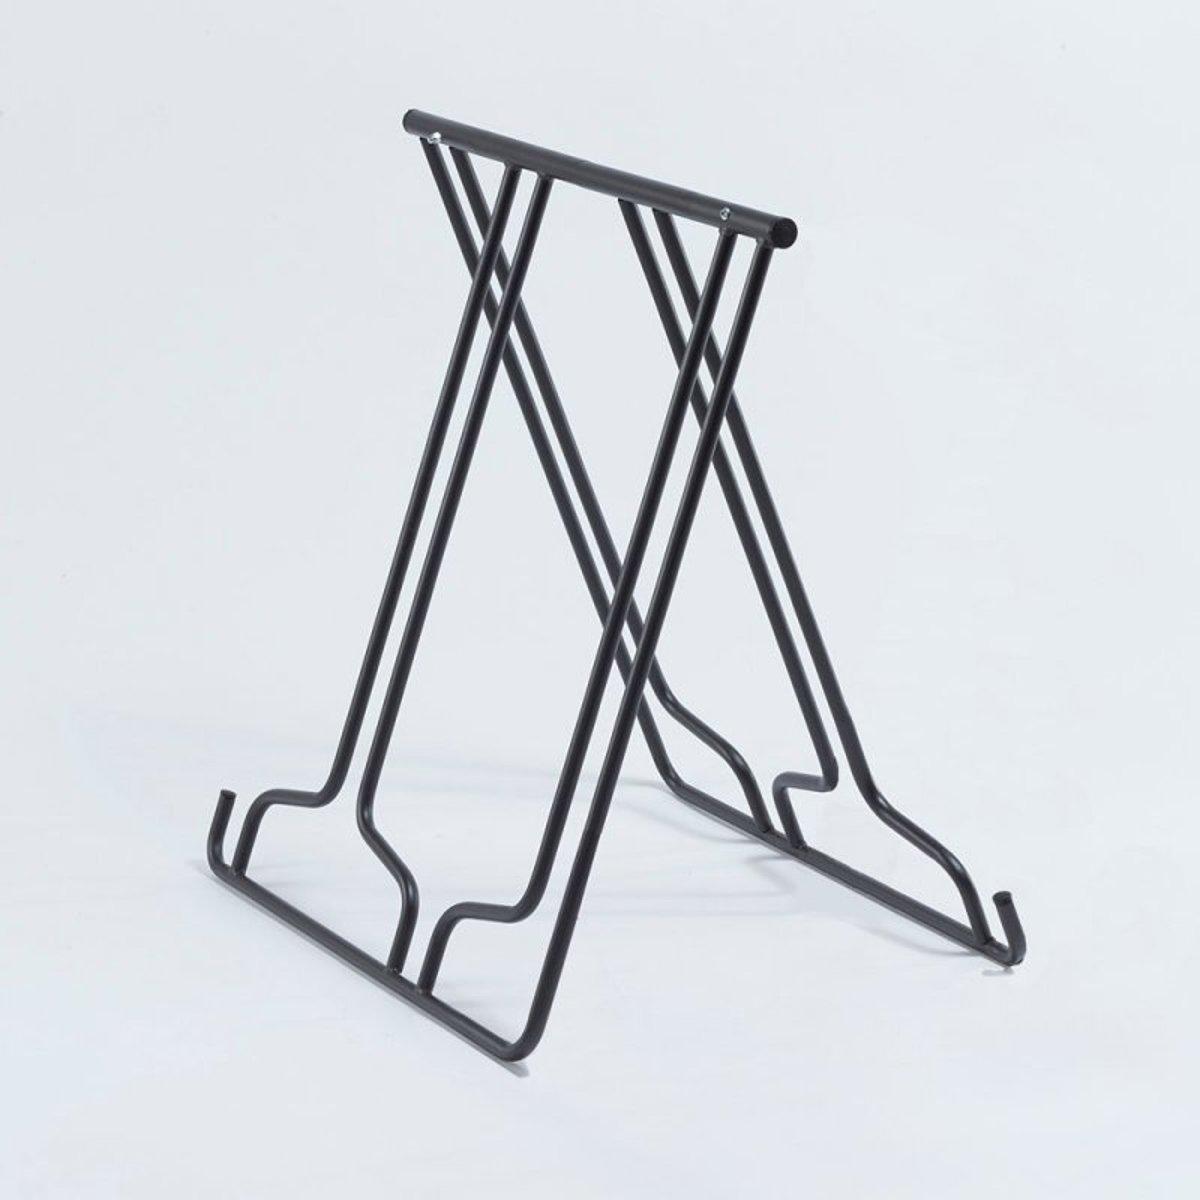 Stojan na kola MOTTEZ - pro 4 kola - skládací, přenosný, tvar A